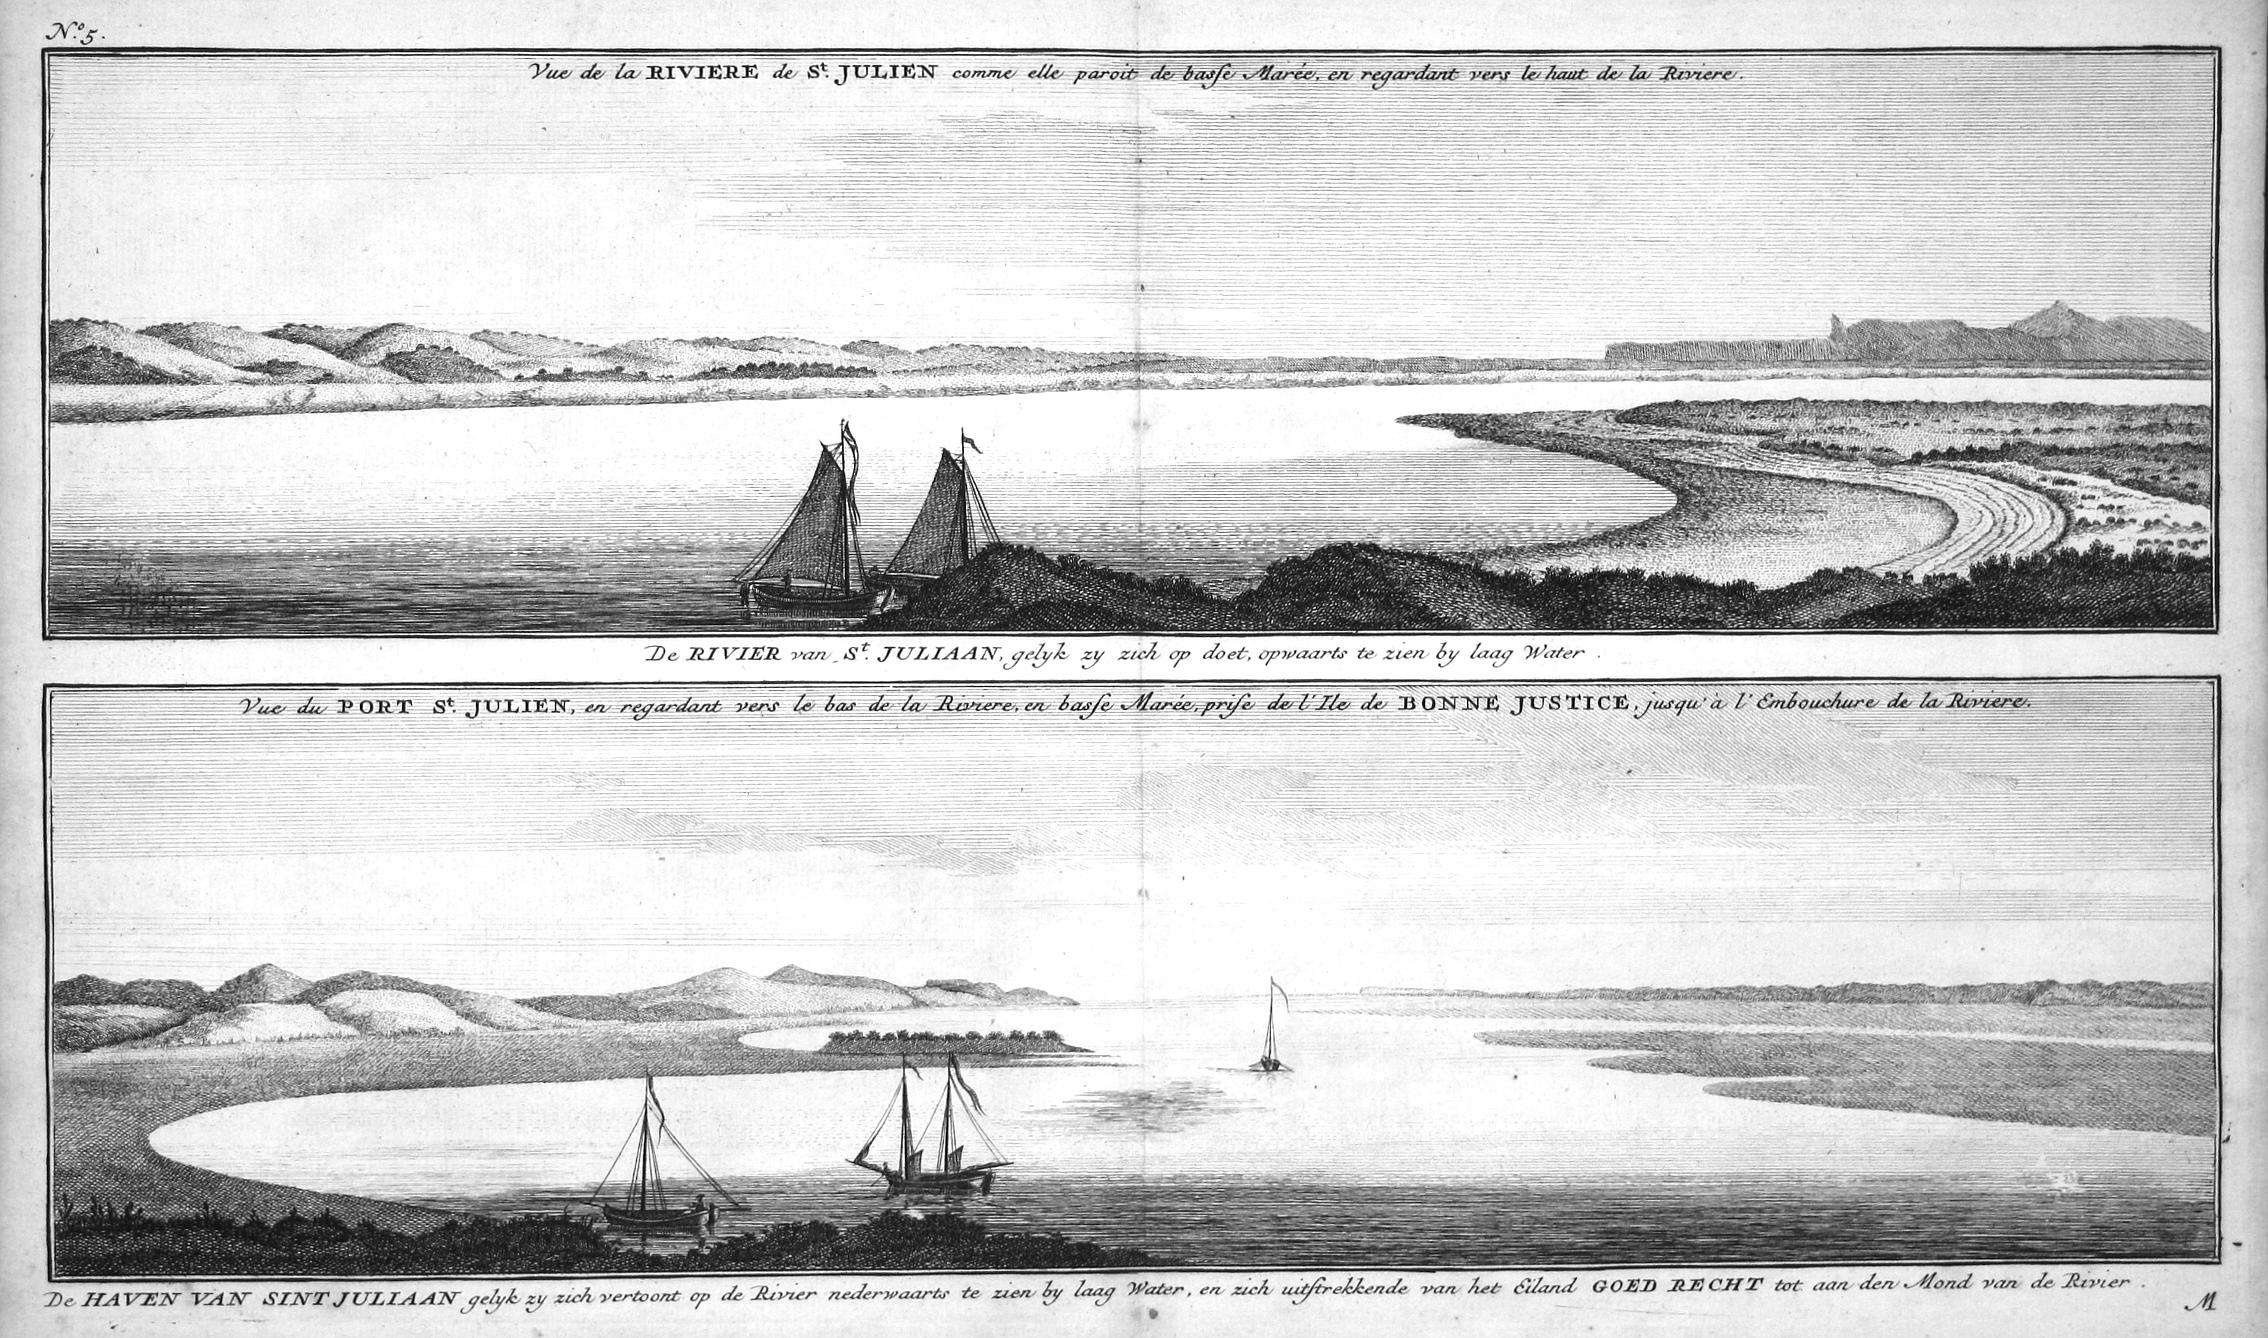 Vue de la Riviere de St. Julien: Anson, George: